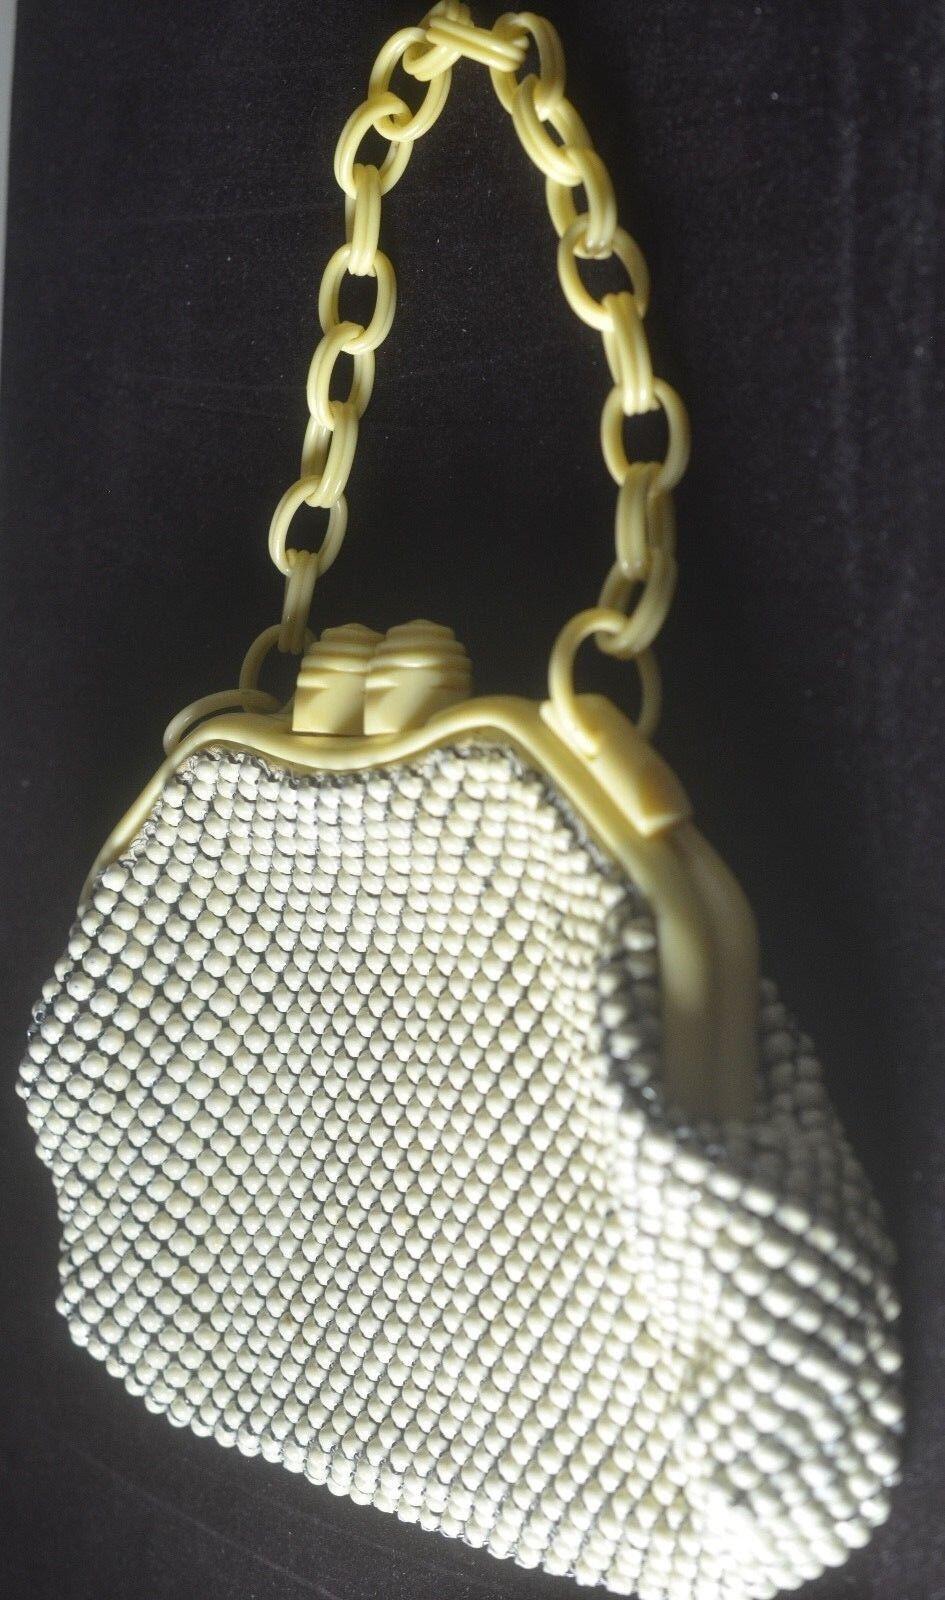 Retro Vintage Whiting Whiting Whiting & Davis Metall mit Nieten Besetzt Beutel Zellulose Akzente | Niedriger Preis  | Guter weltweiter Ruf  c75106